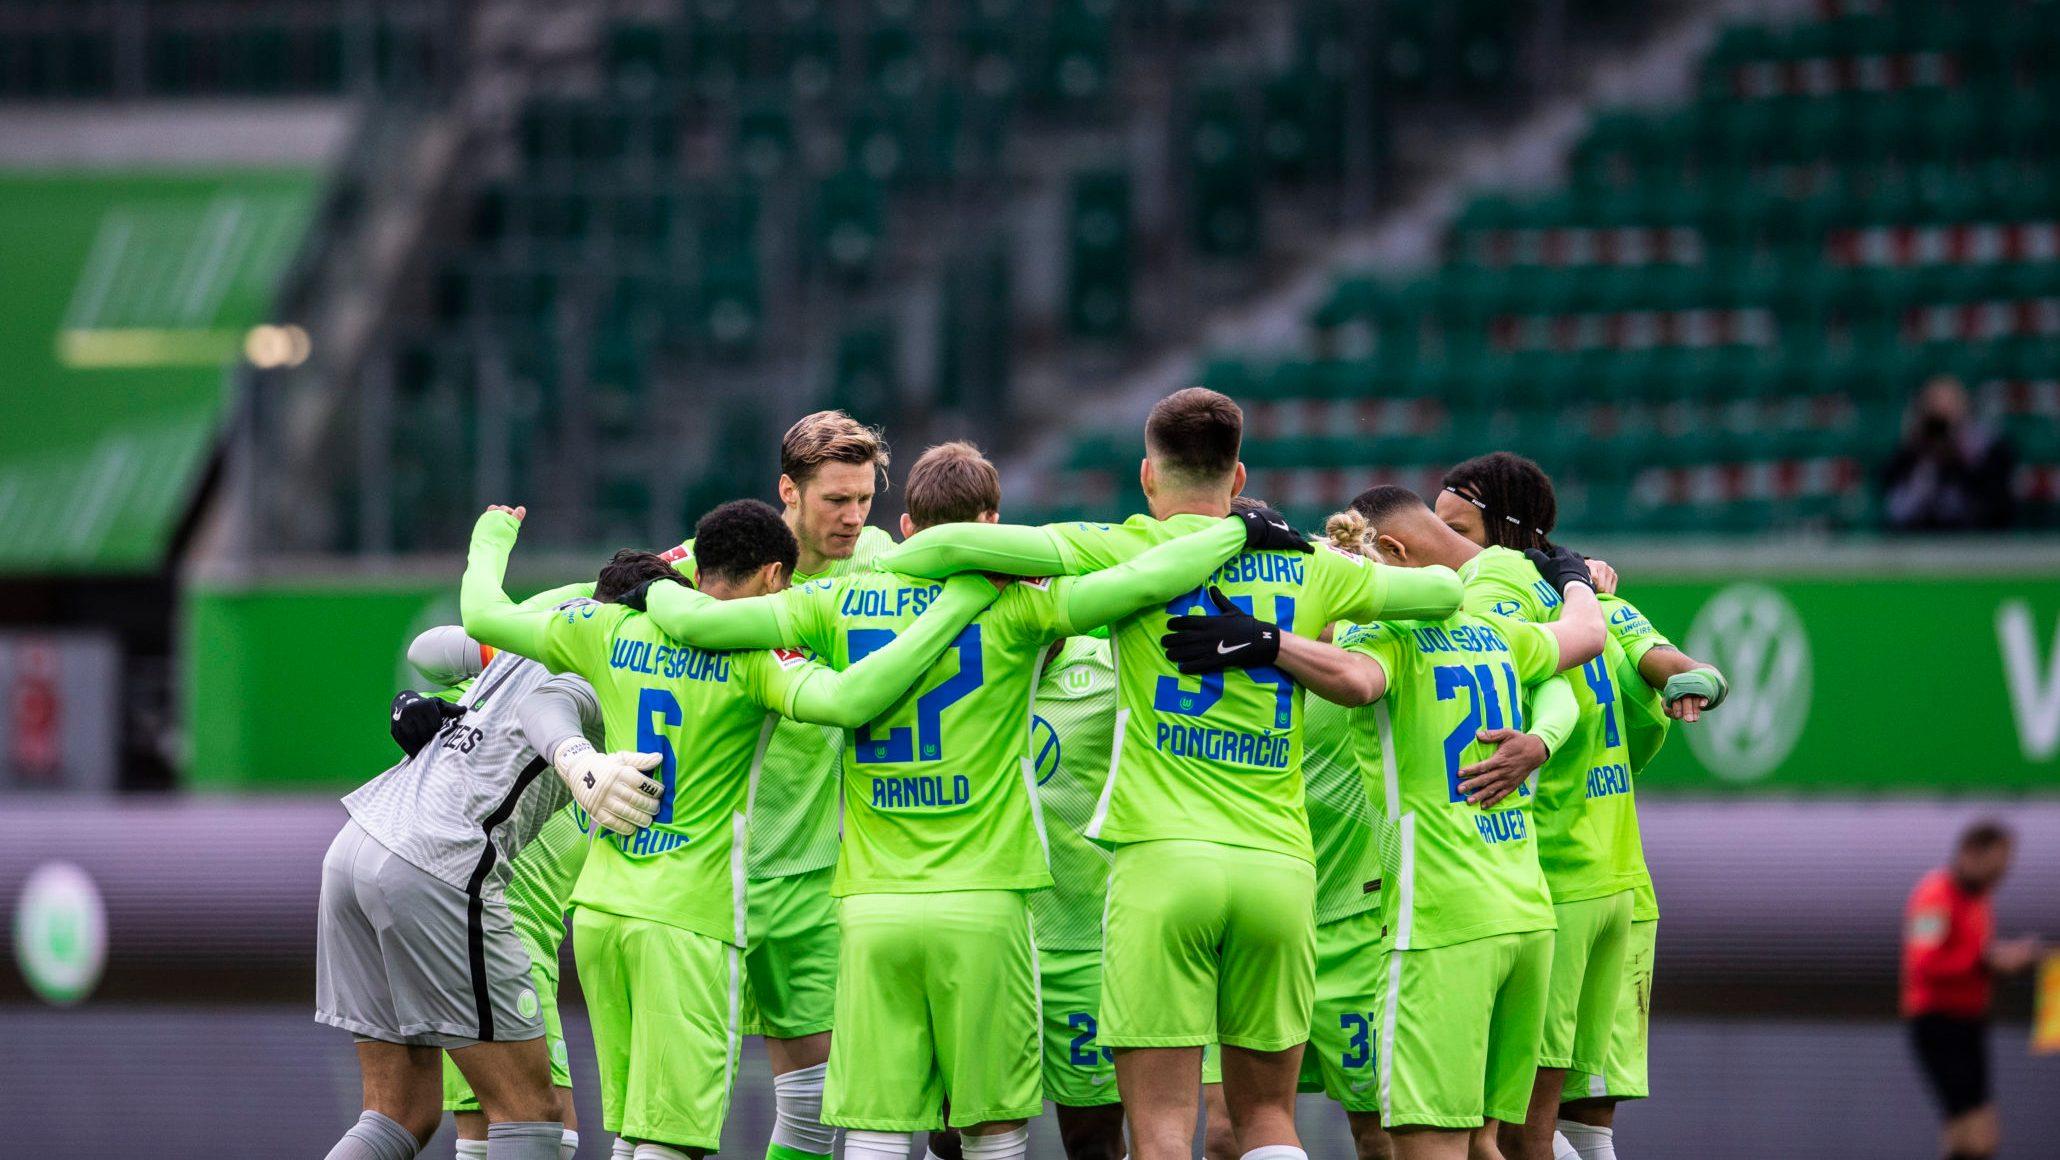 Fünf Gründe, warum Wolfsburg gegen Bayern gewinnt